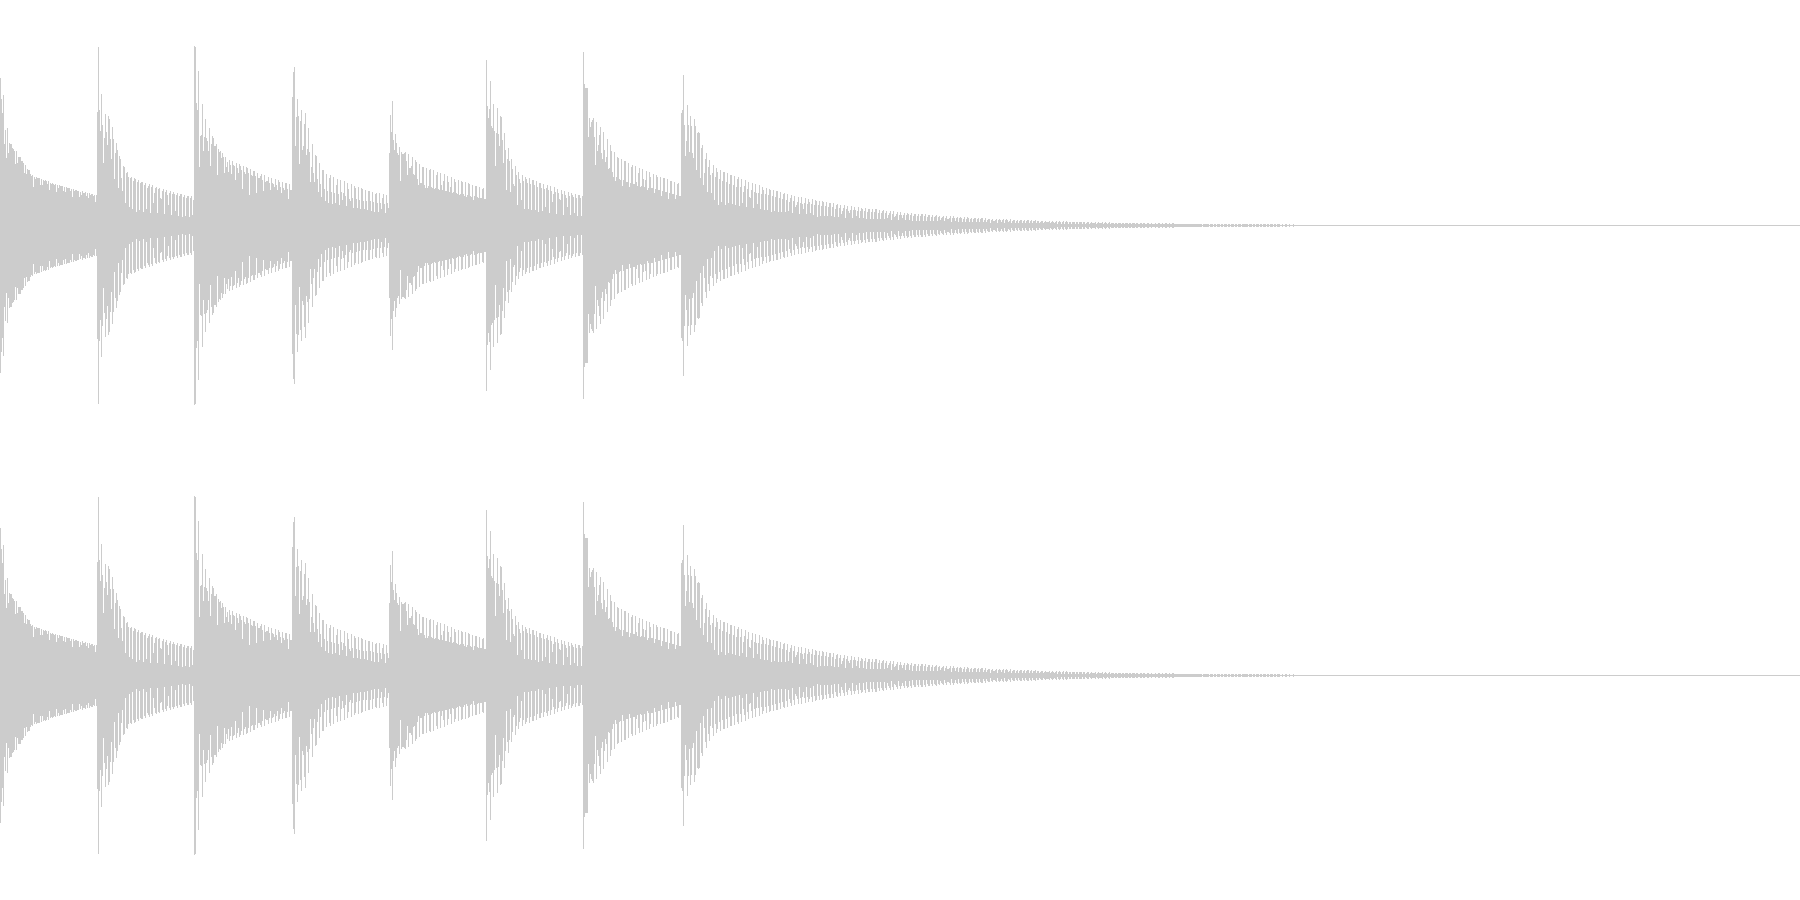 FX・SE/着信音/コール/アラーム/2の未再生の波形